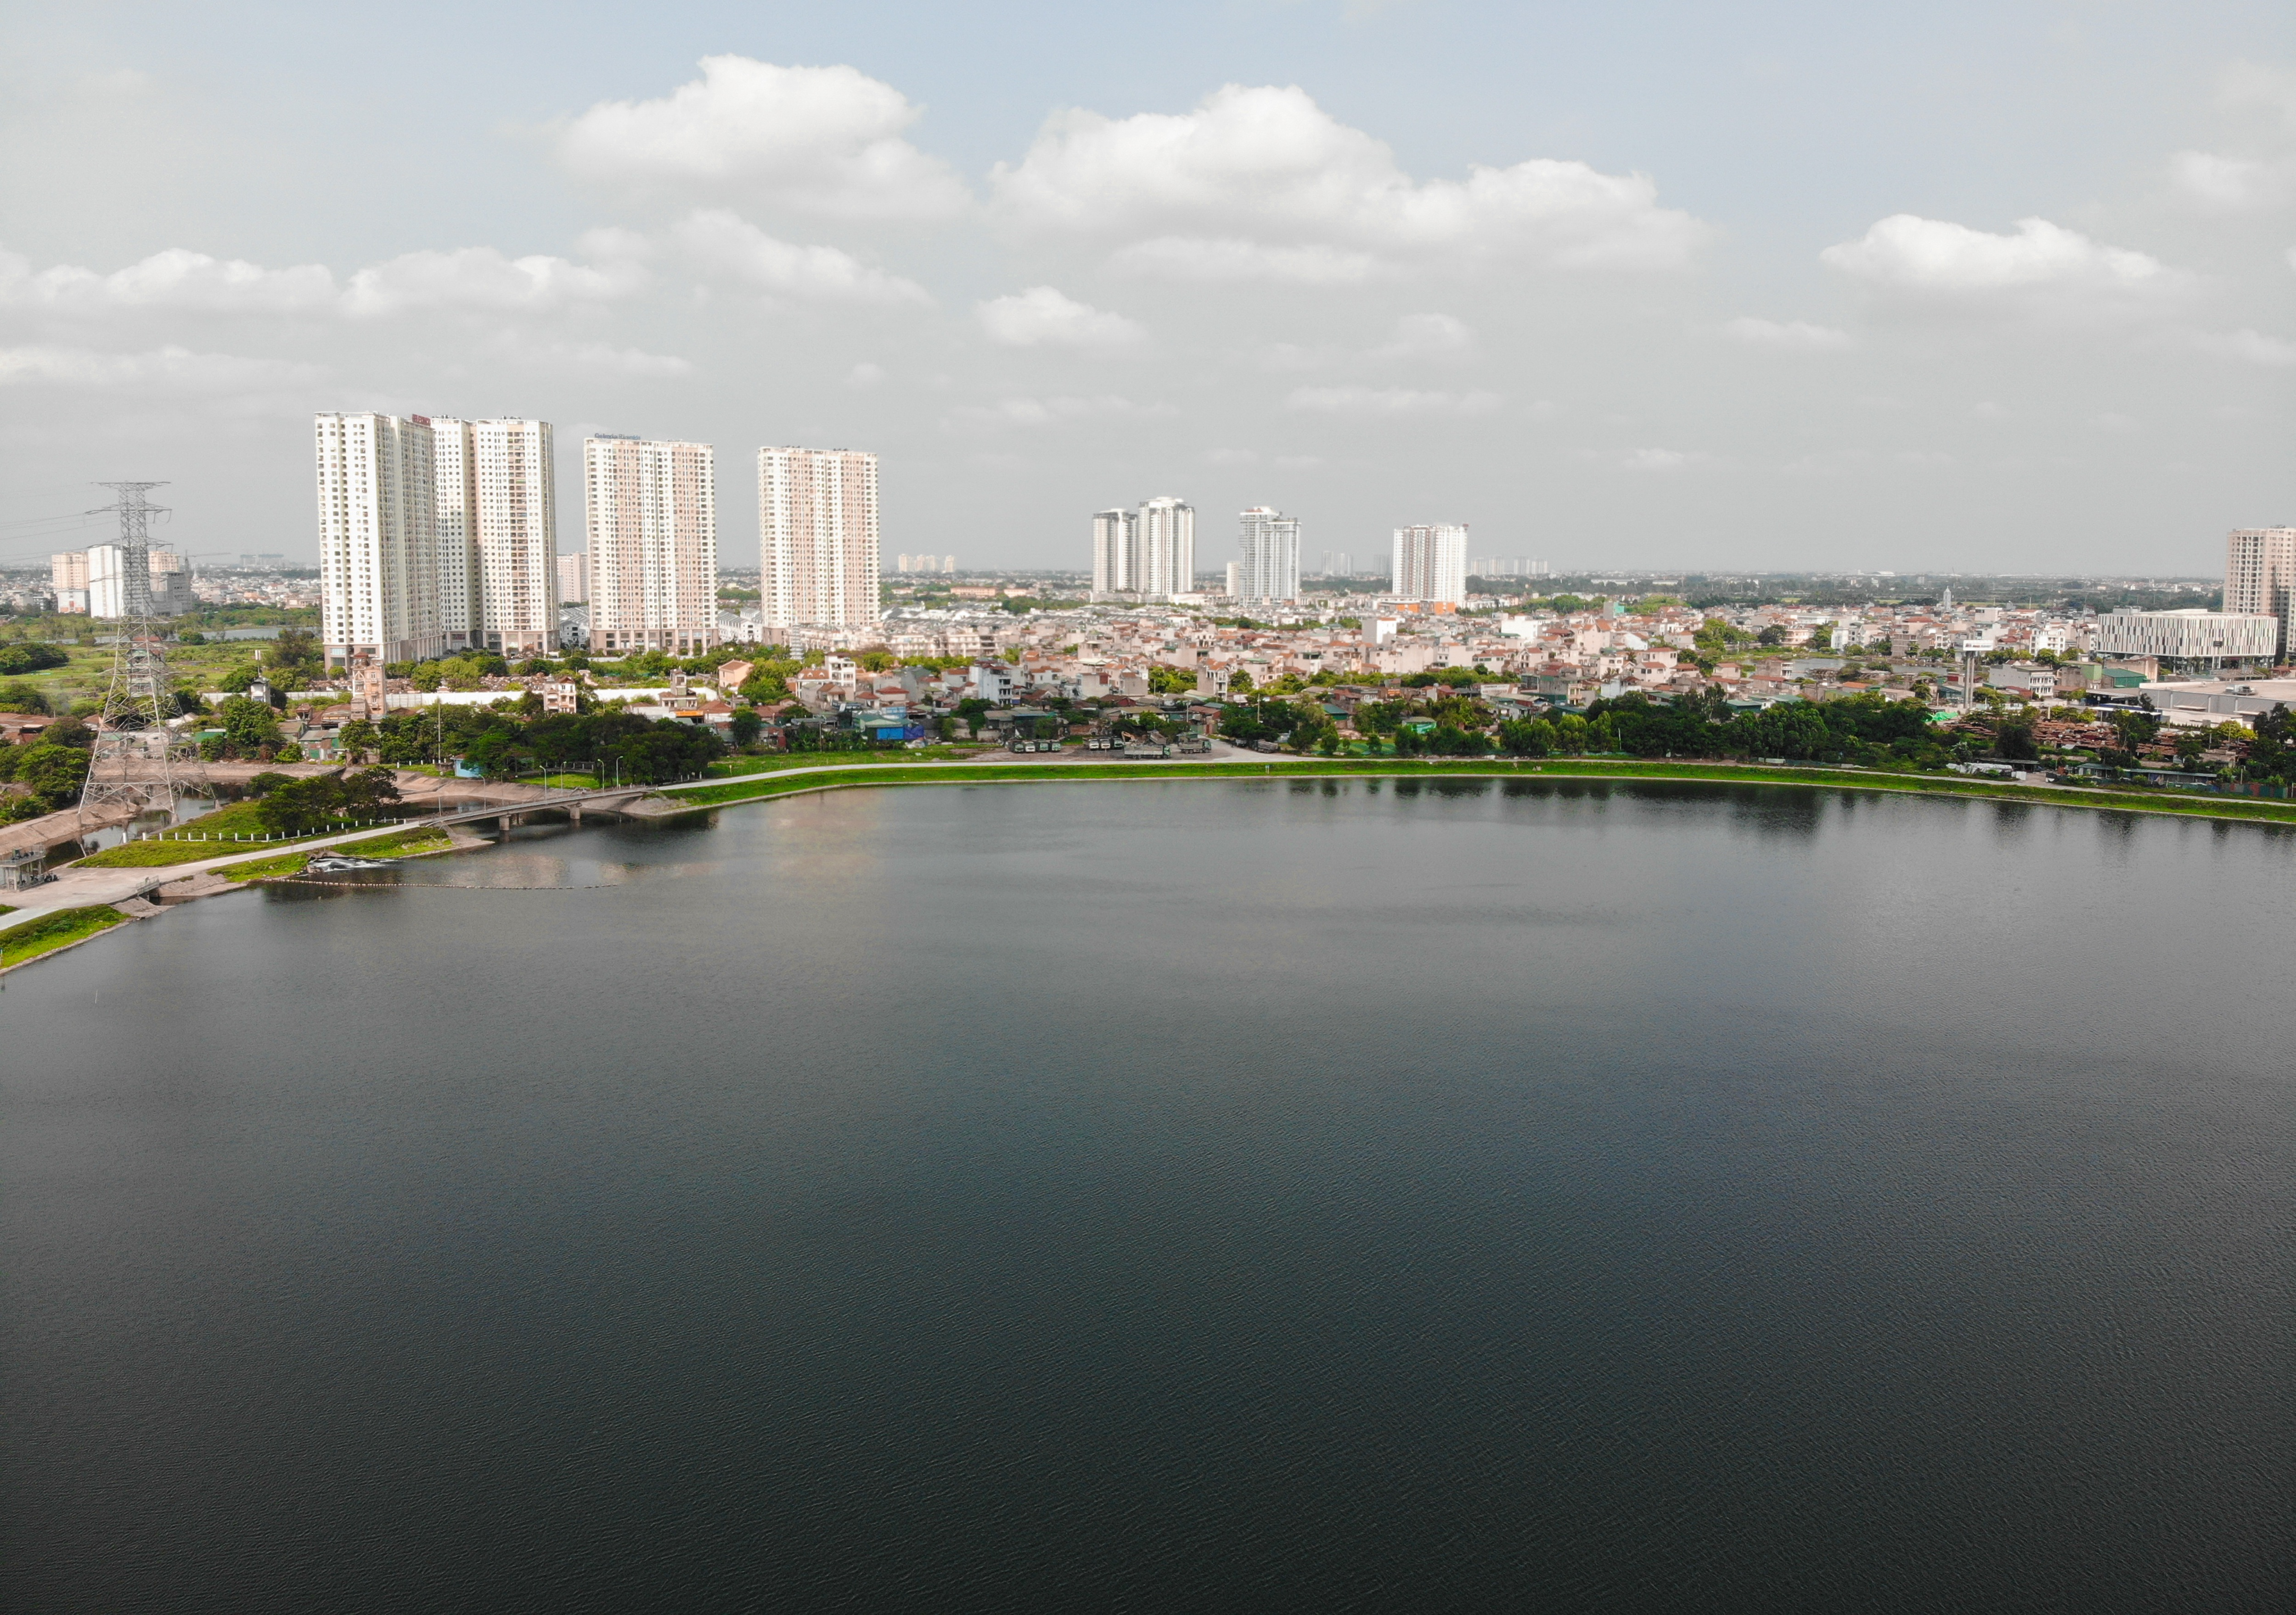 Nhìn từ trên cao hồ điều hoà rộng lớn phía đông thành phố Hà Nội - 17